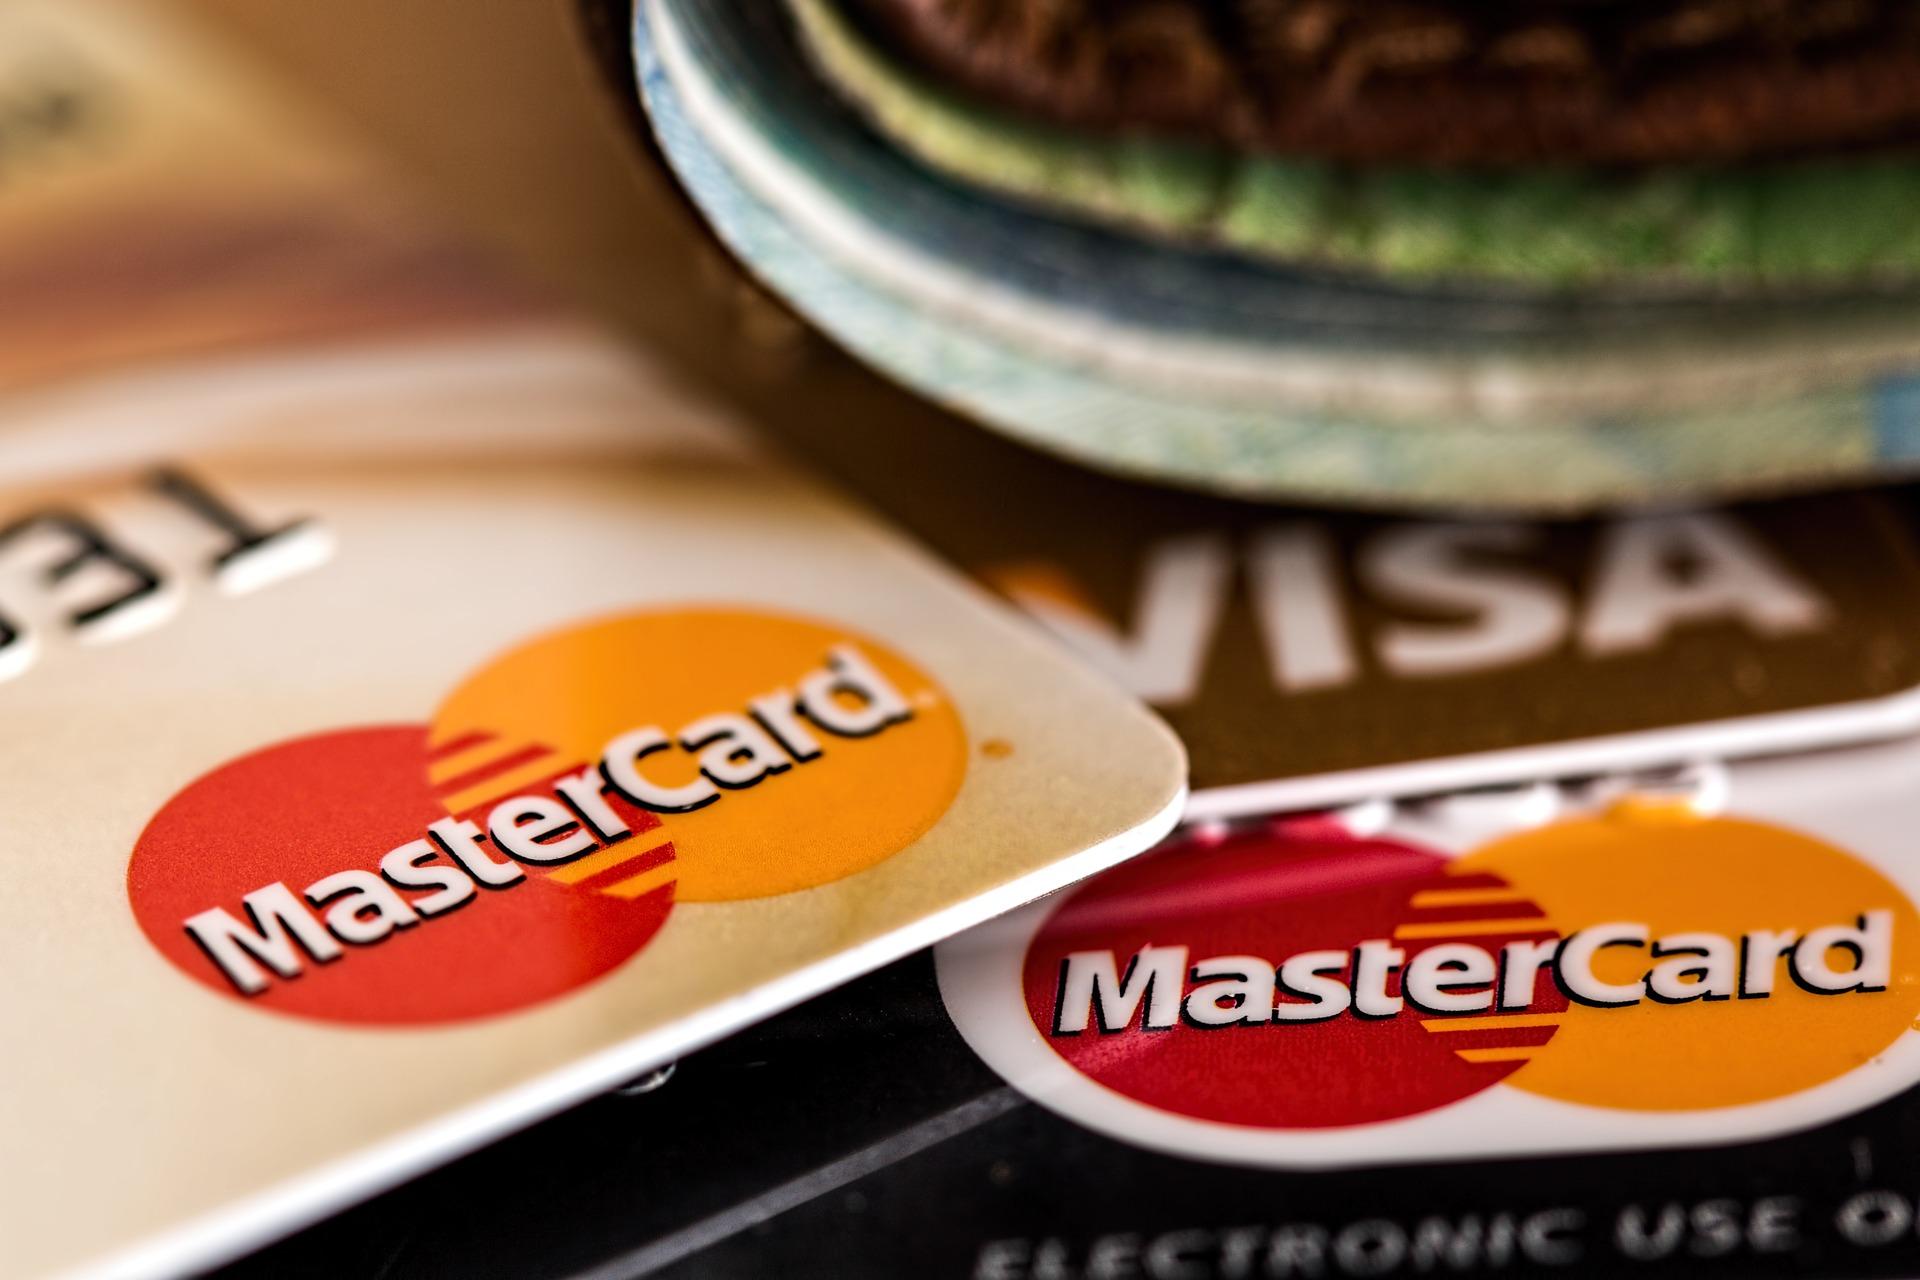 Prepagate e acquisti online